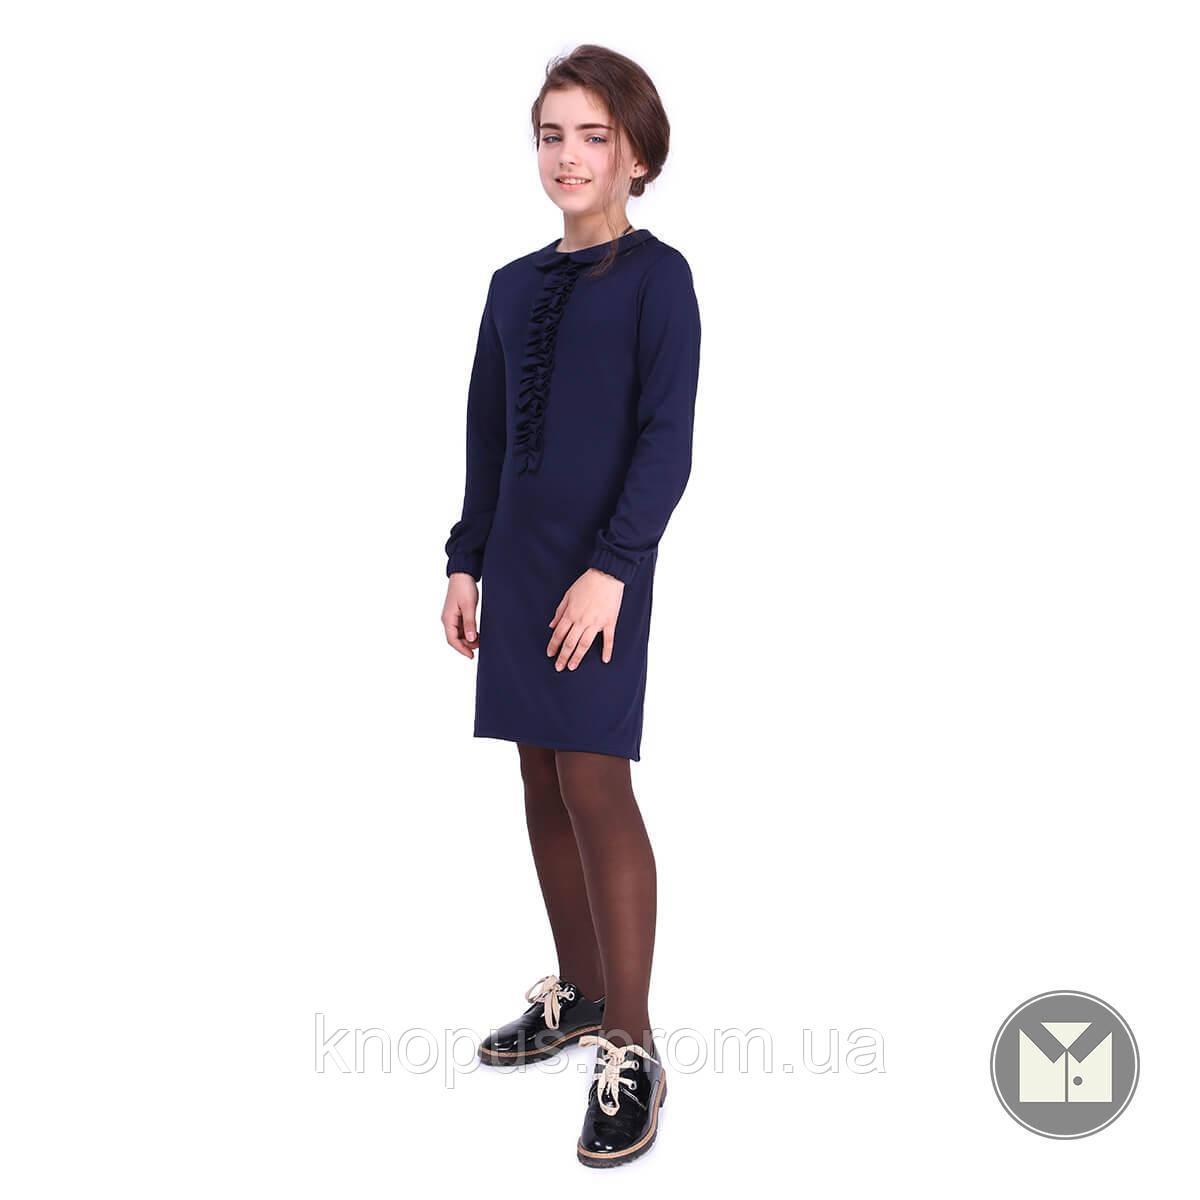 Платье для девочки с длинным рукавом и рюшем,черное, Timbo, размер 122